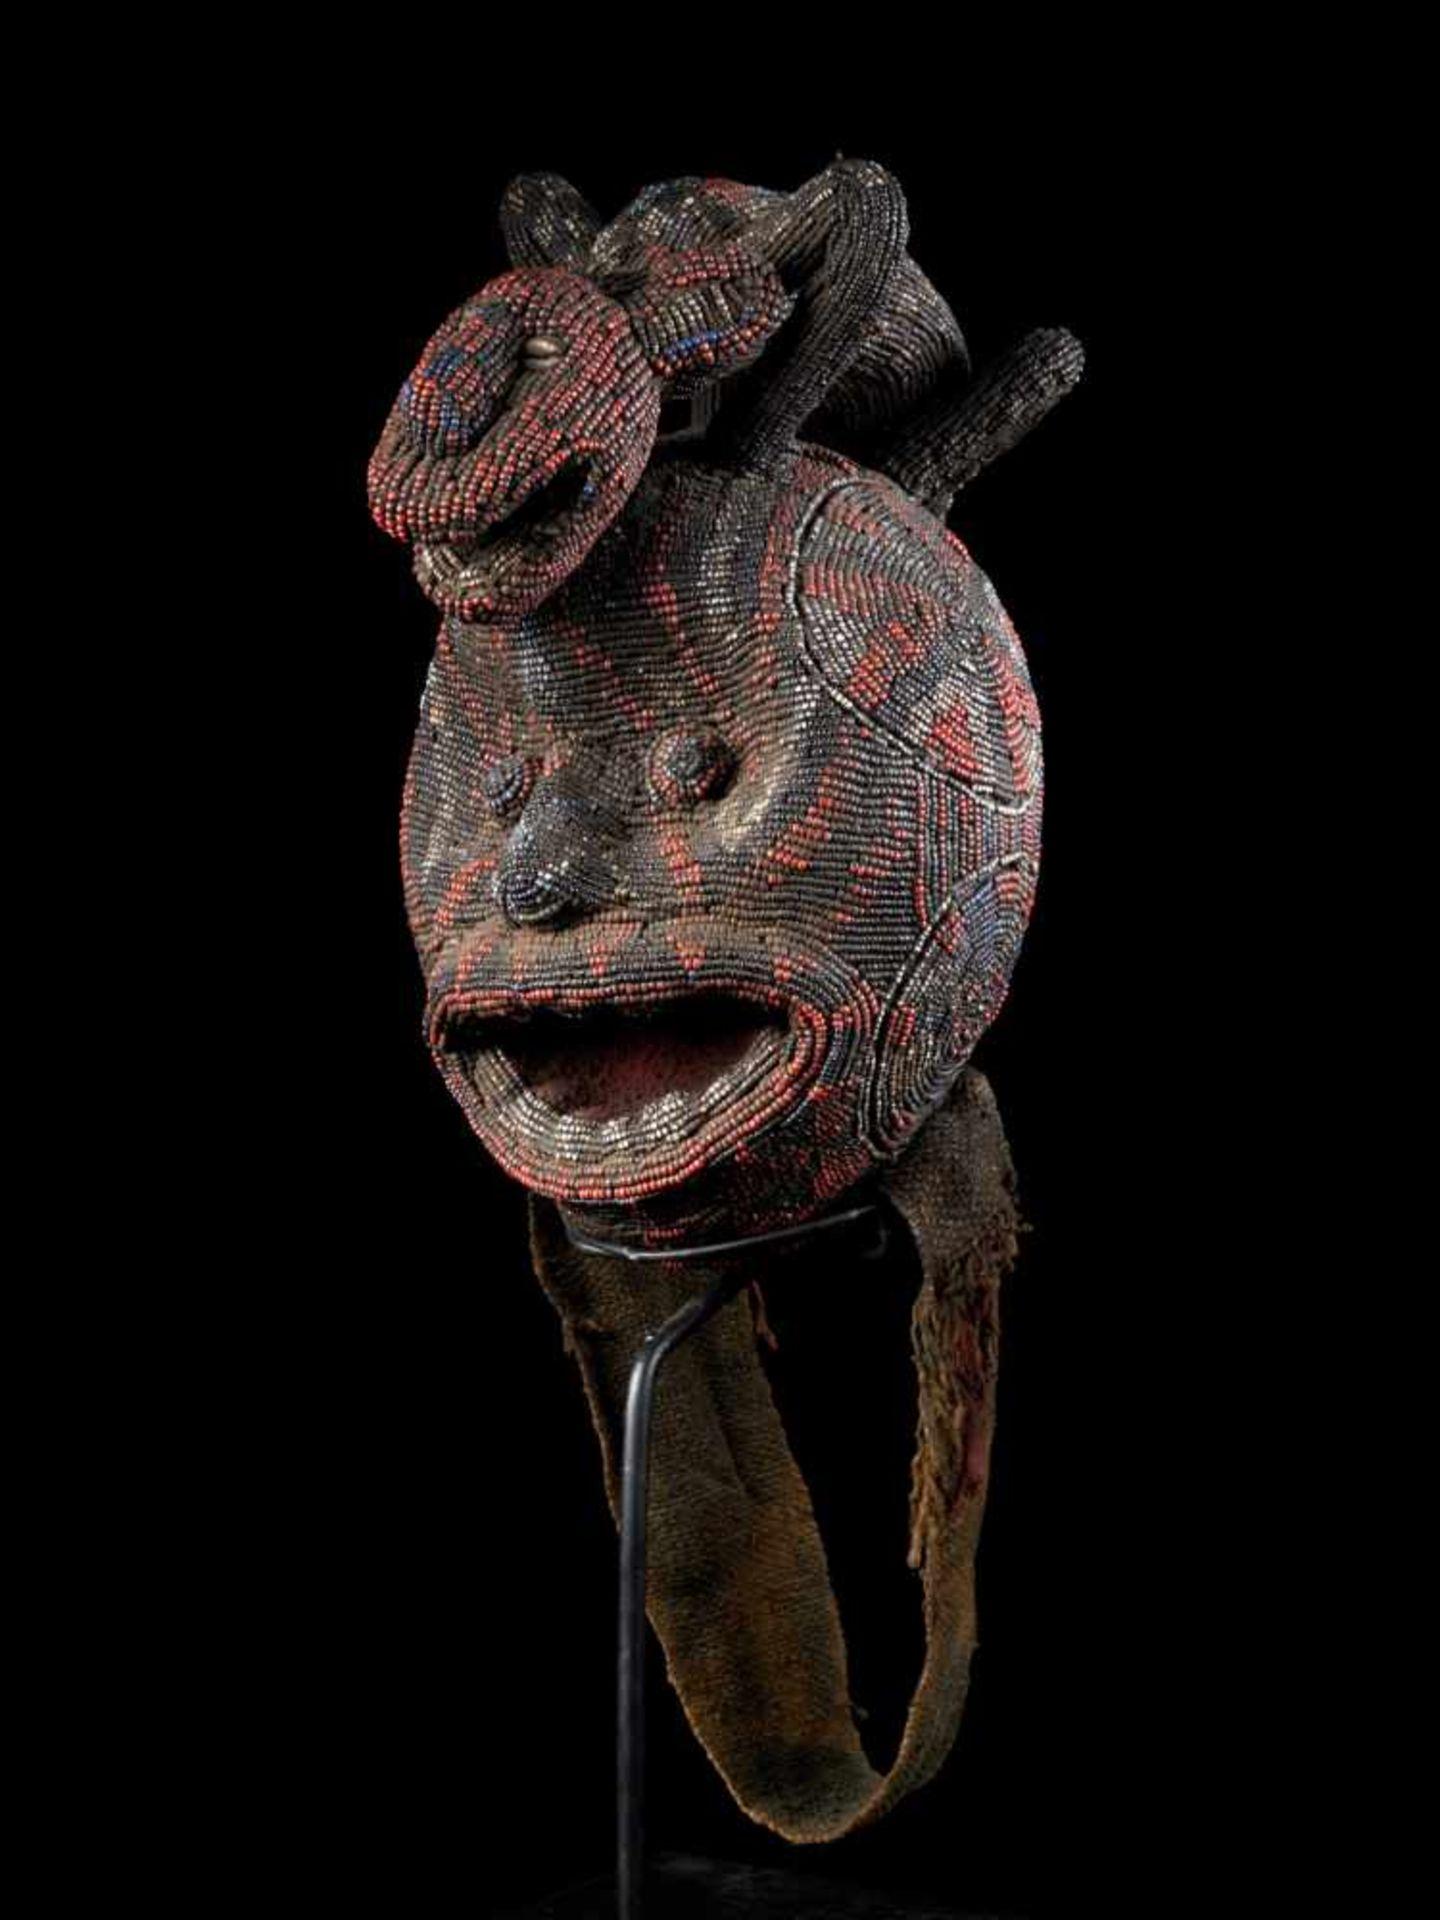 """Beaded Ceremonial Head """"Adwonzen"""" With Leopard Mount, Grassland People, Cameroon - Tribal"""